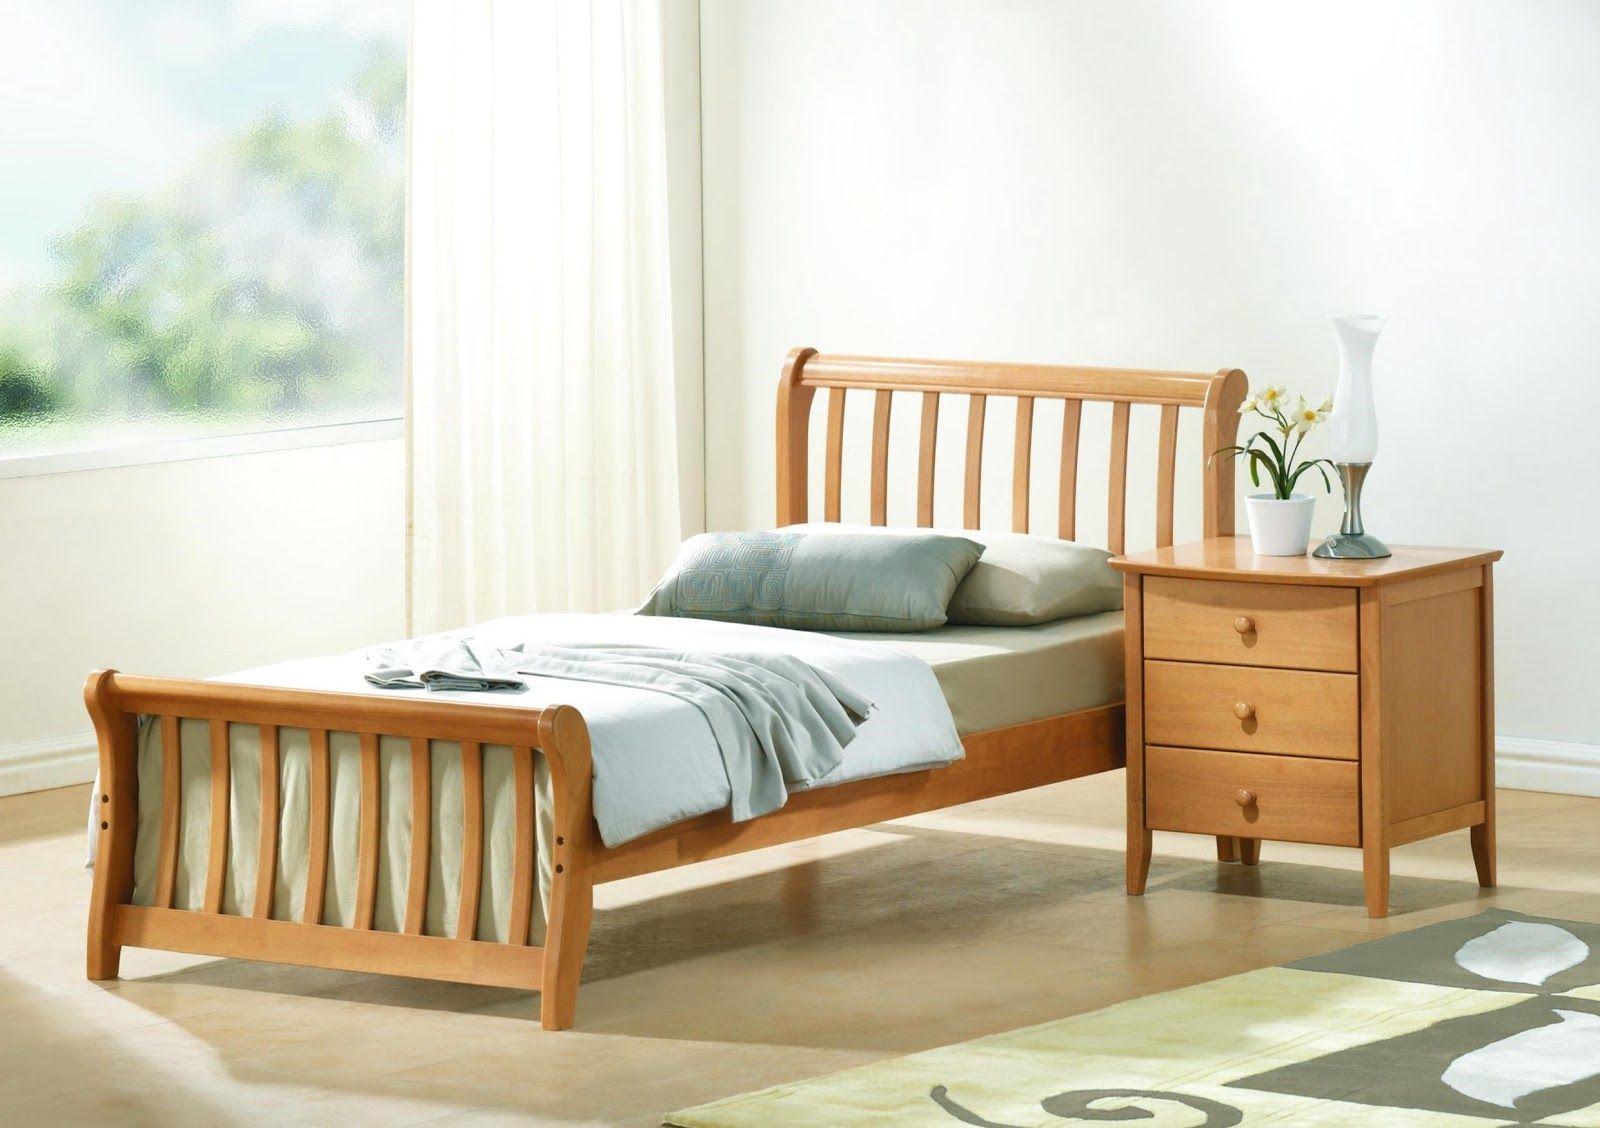 Einzelbett Möbel Set Nicht nur Spiegel hinzufügen, ein